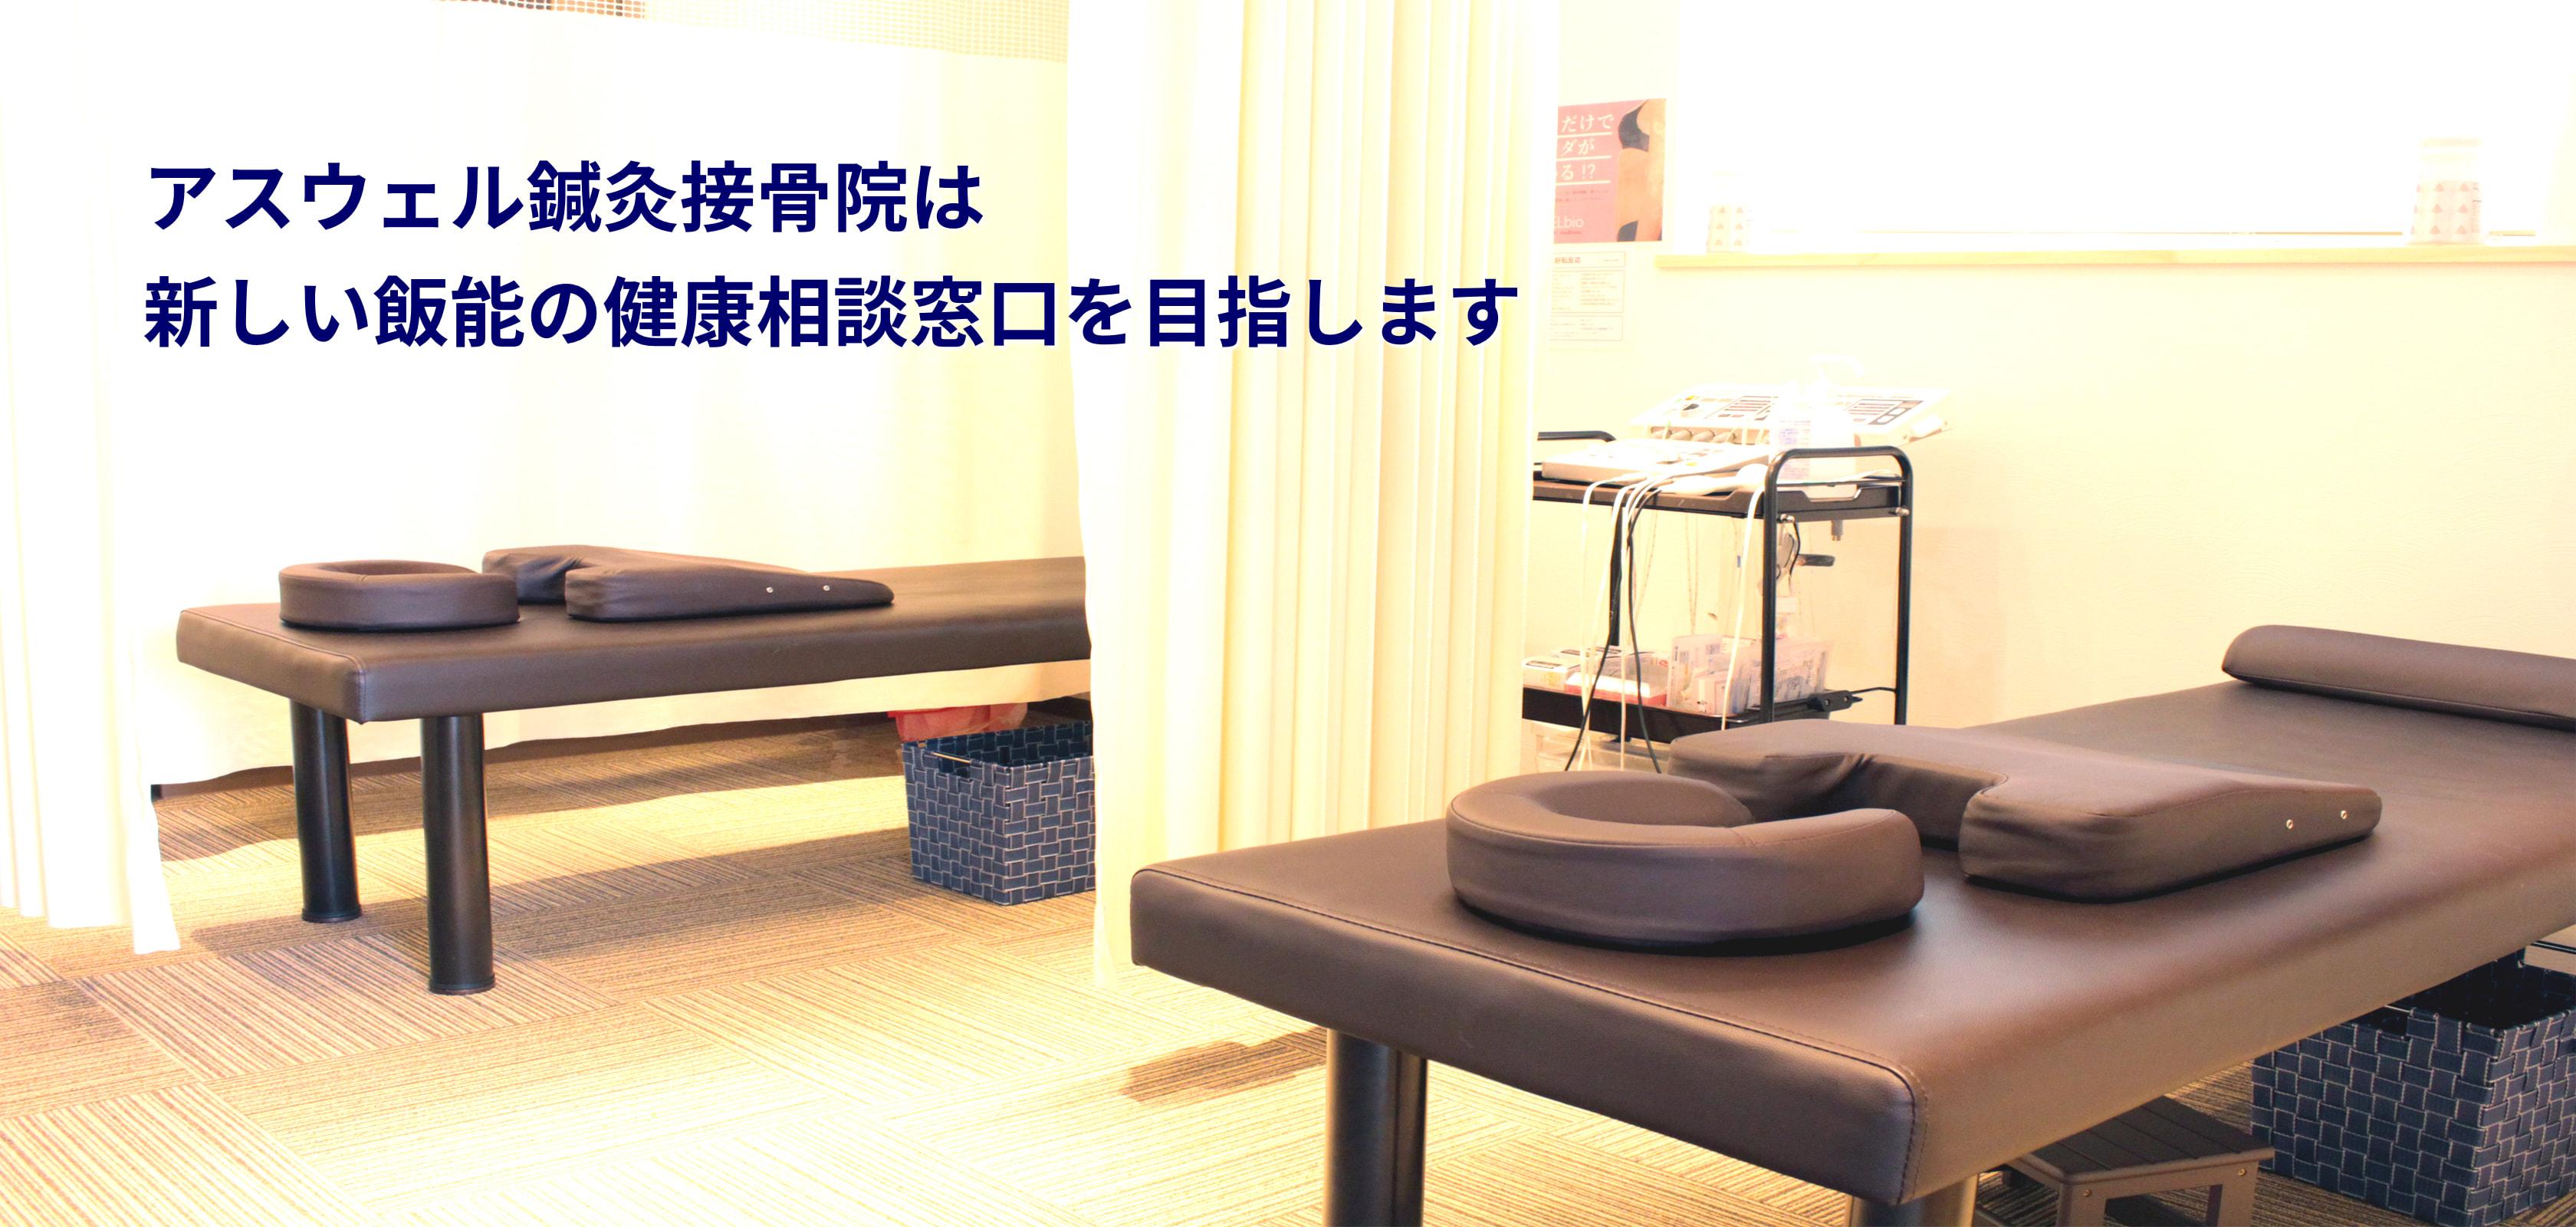 アスウェル鍼灸接骨院は新しい飯能の健康相談窓口を目指します